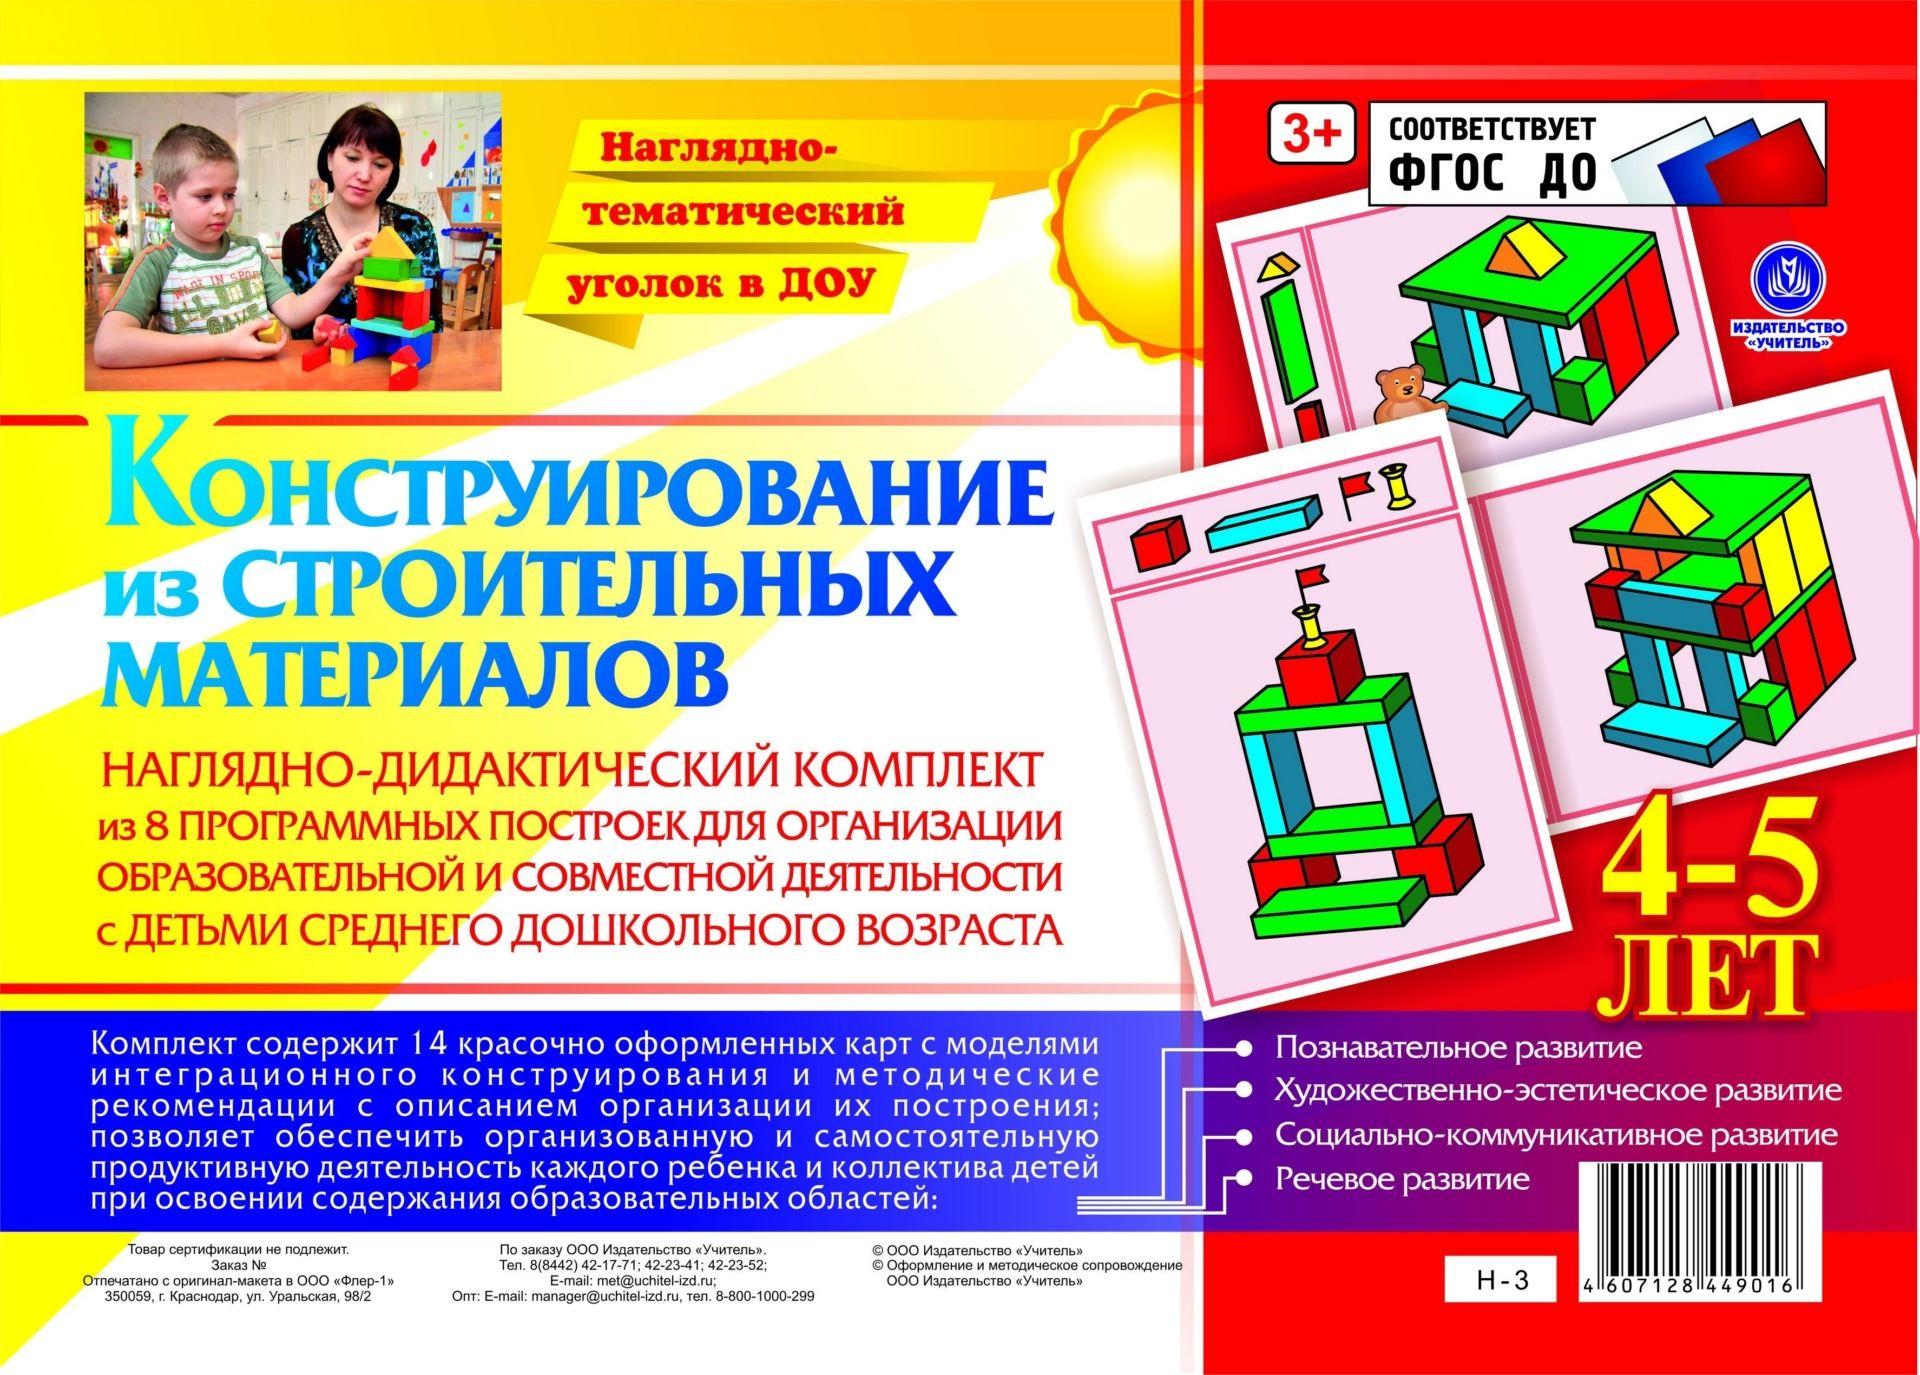 Наглядно-дидактический комплект. Конструирование. 14 цветных иллюстраций формата А4 на картоне. 4-5 летВоспитателю ДОО<br>Предлагаемый наглядно-дидактический комплект Конструирование из строительных материалов включает в себя 14 красочно оформленных листов, позволяющих ребенку доступно и увлекательно в совместной деятельности со взрослым или самостоятельной игре осуществит...<br><br>Год: 2017<br>Серия: Наглядно-тематический уголок в ДОО<br>Высота: 297<br>Ширина: 210<br>Толщина: 1<br>Переплёт: набор